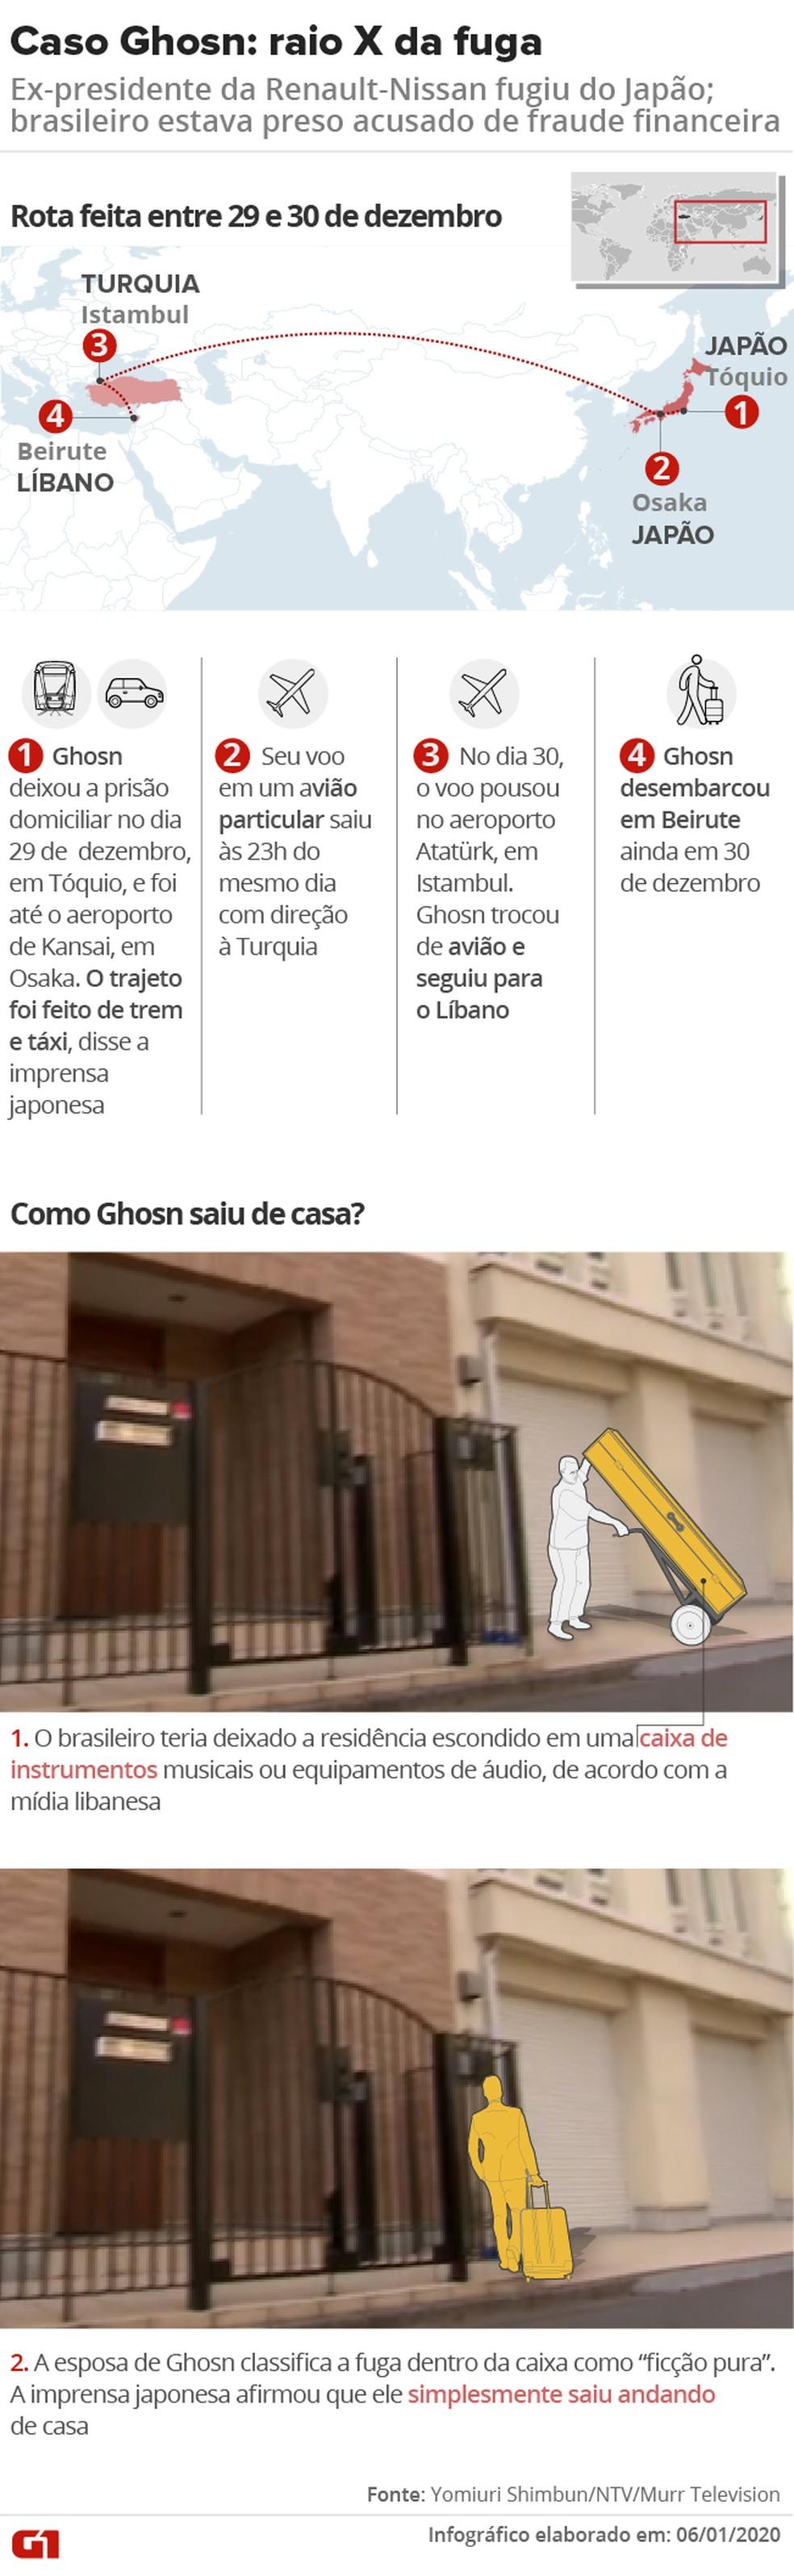 Detalhes sobre a fuga de Carlos Ghosn do Japão — Foto: Aparecido Gonçalves/Rafael Miotto/G1